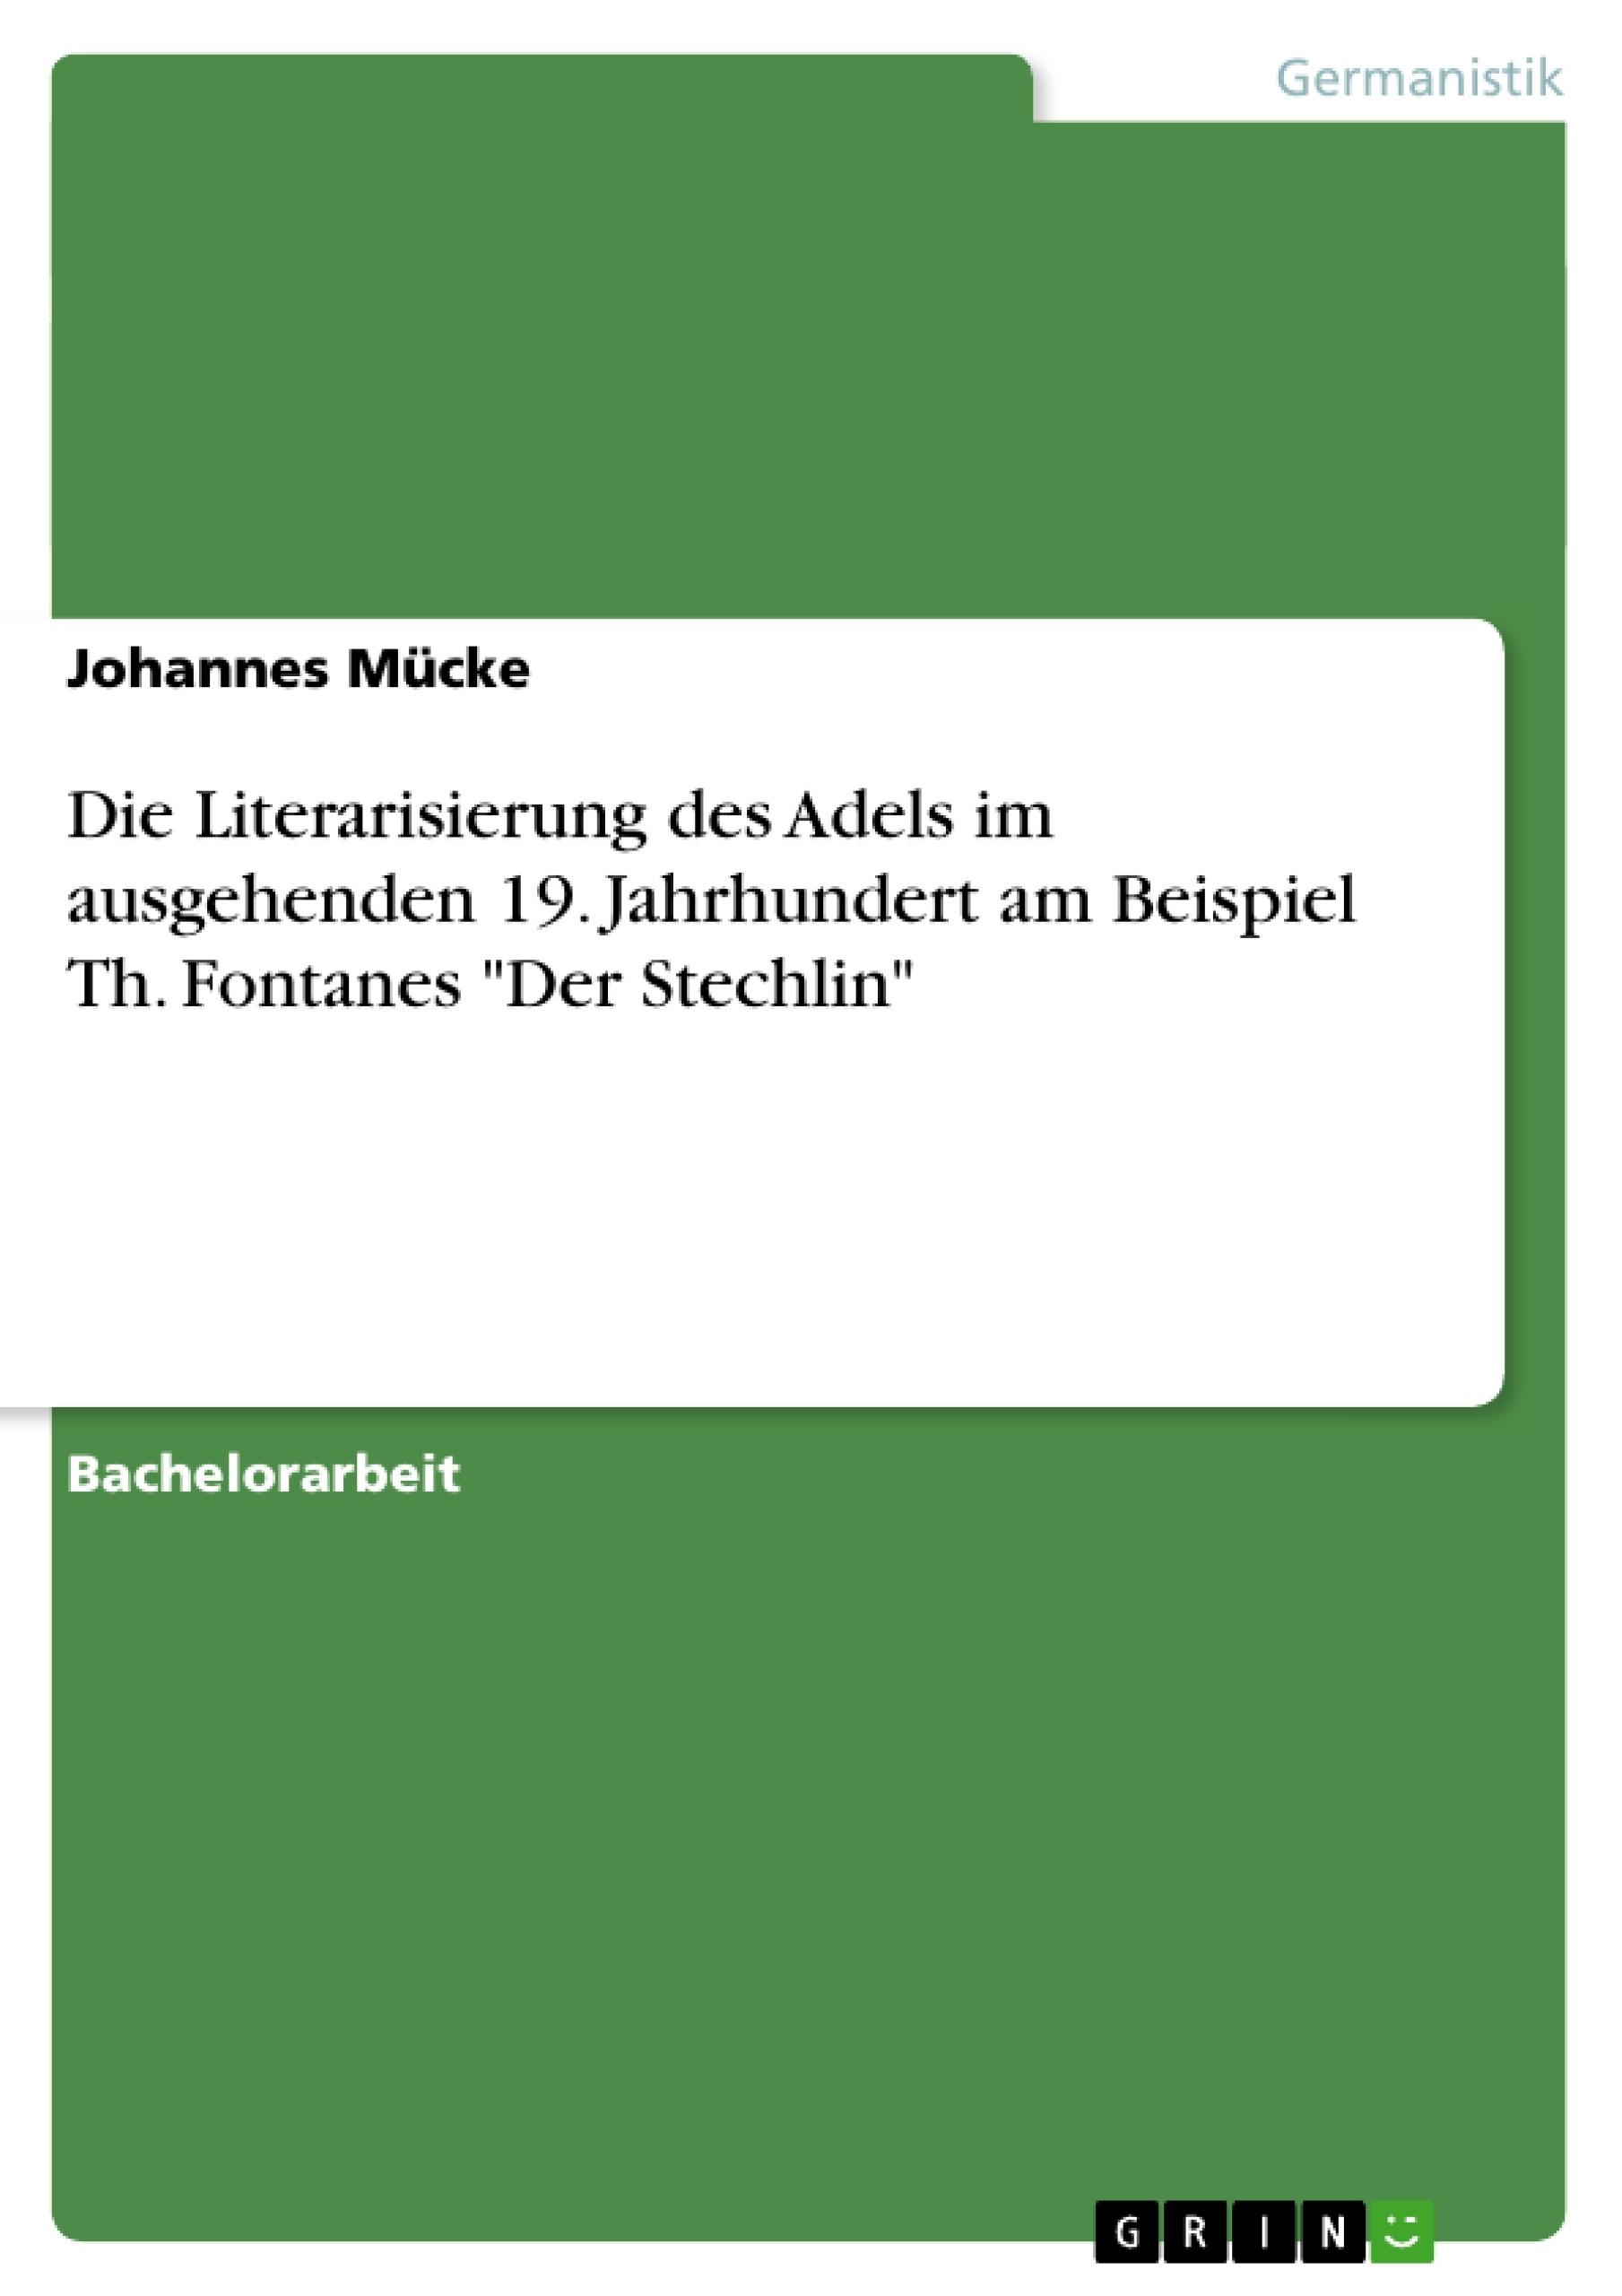 """Titel: Die Literarisierung des Adels im ausgehenden 19. Jahrhundert am Beispiel Th. Fontanes """"Der Stechlin"""""""